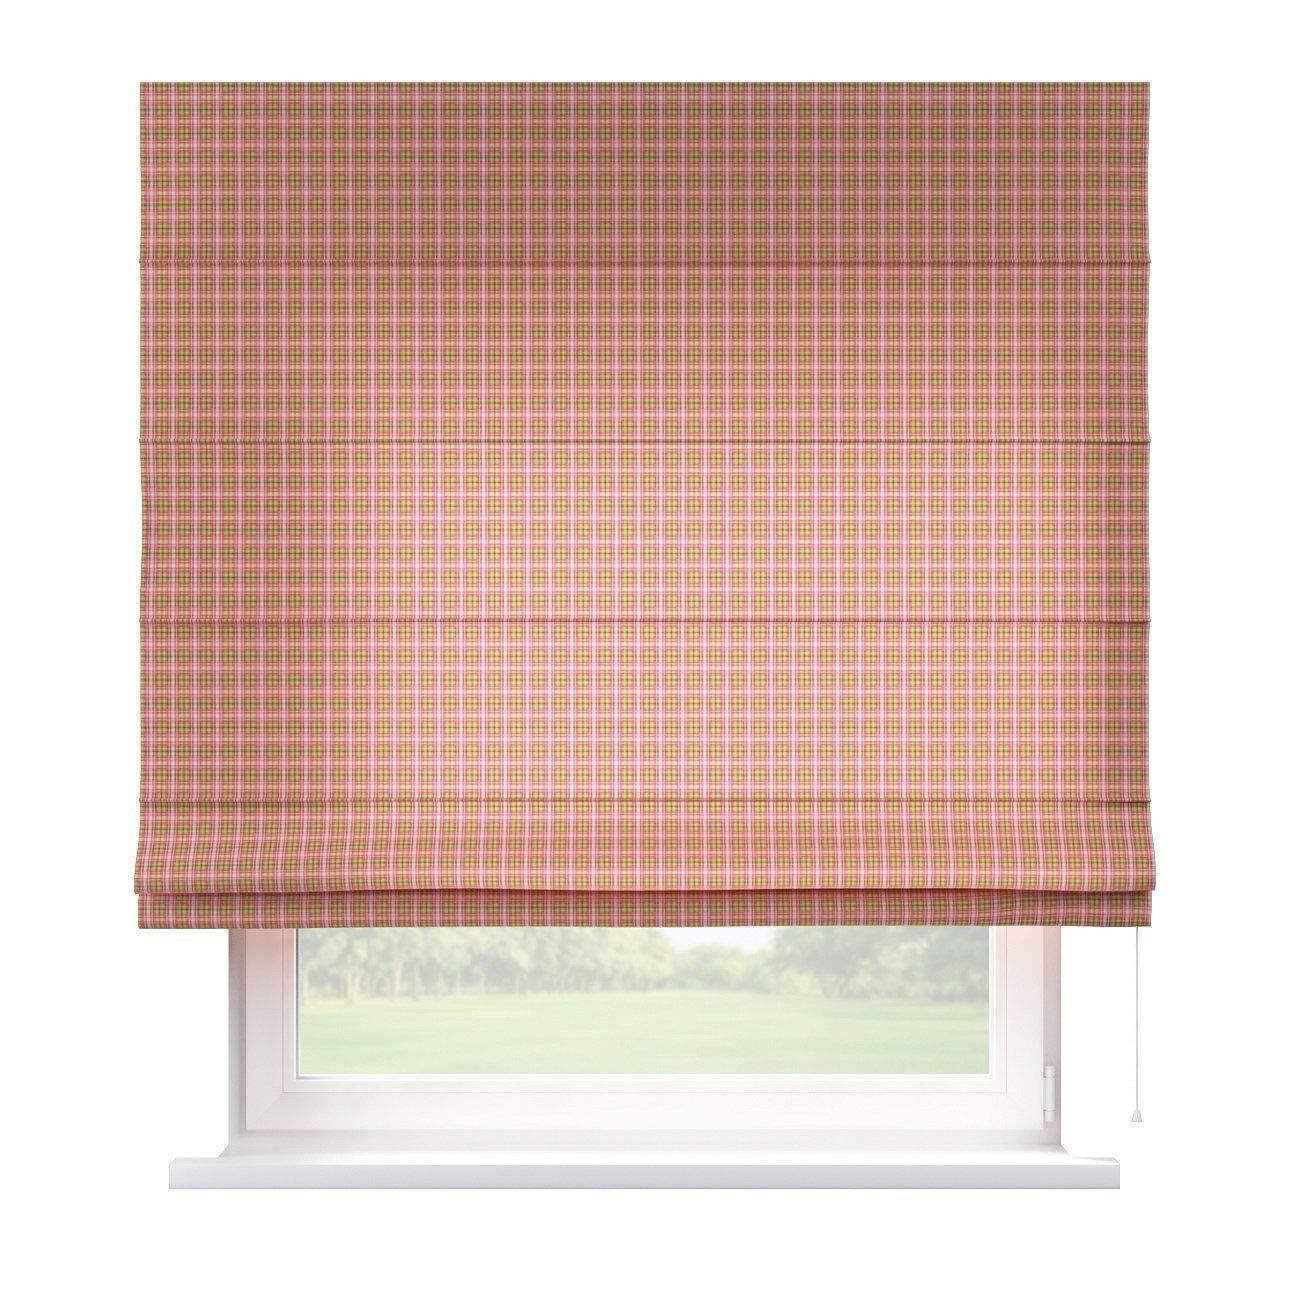 Dekoria Raffrollo Capri ohne Bohren Blickdicht Faltvorhang Raffgardine Wohnzimmer Schlafzimmer Kinderzimmer 130 × 170 cm rosa-grün Raffrollos auf Maß maßanfertigung möglich